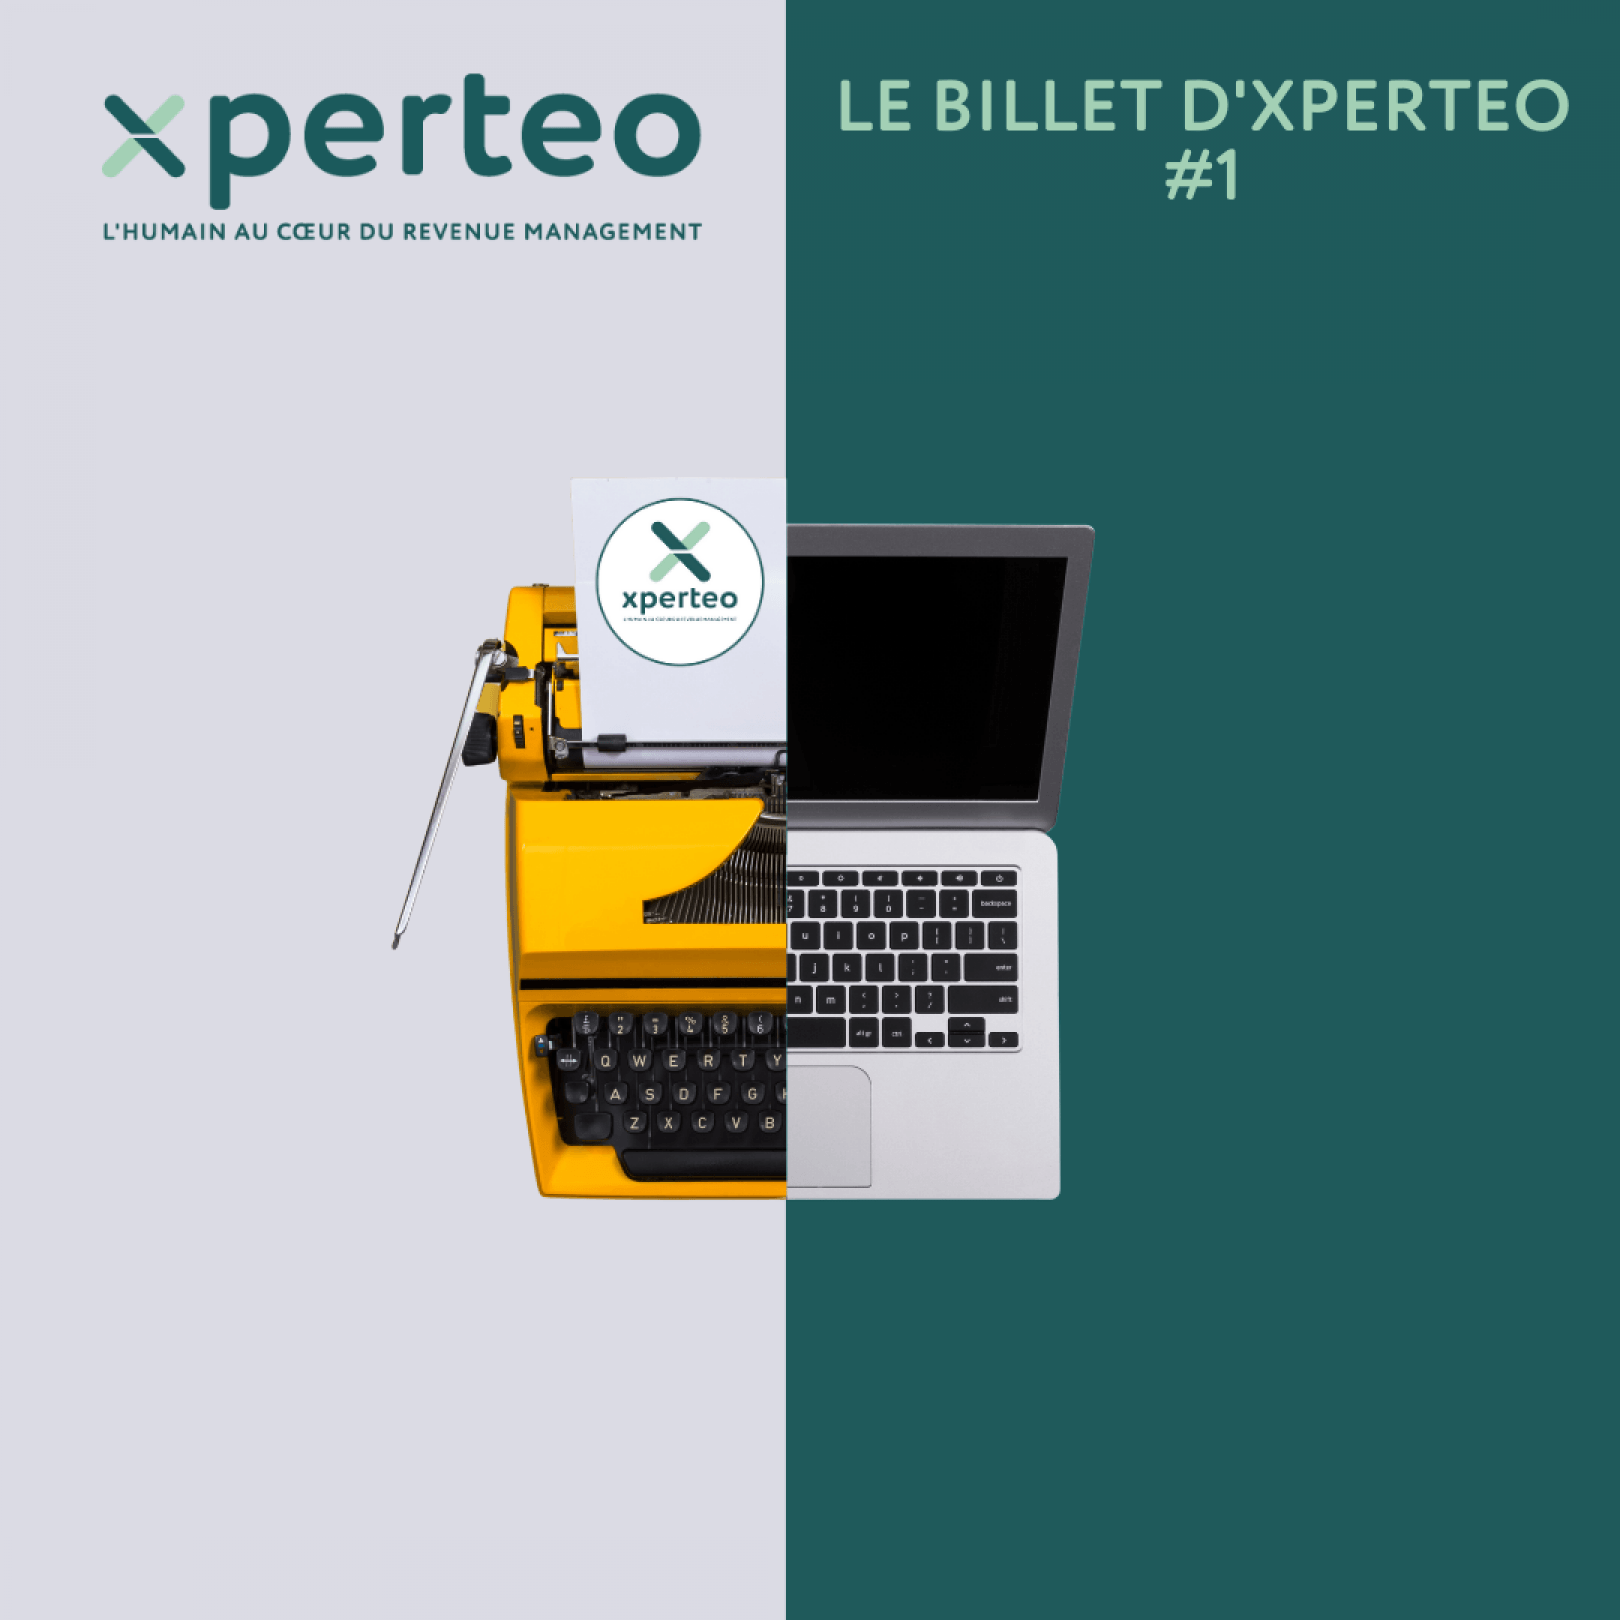 Le billet d'Xperteo #1 : reprendre le contrôle de vos clients